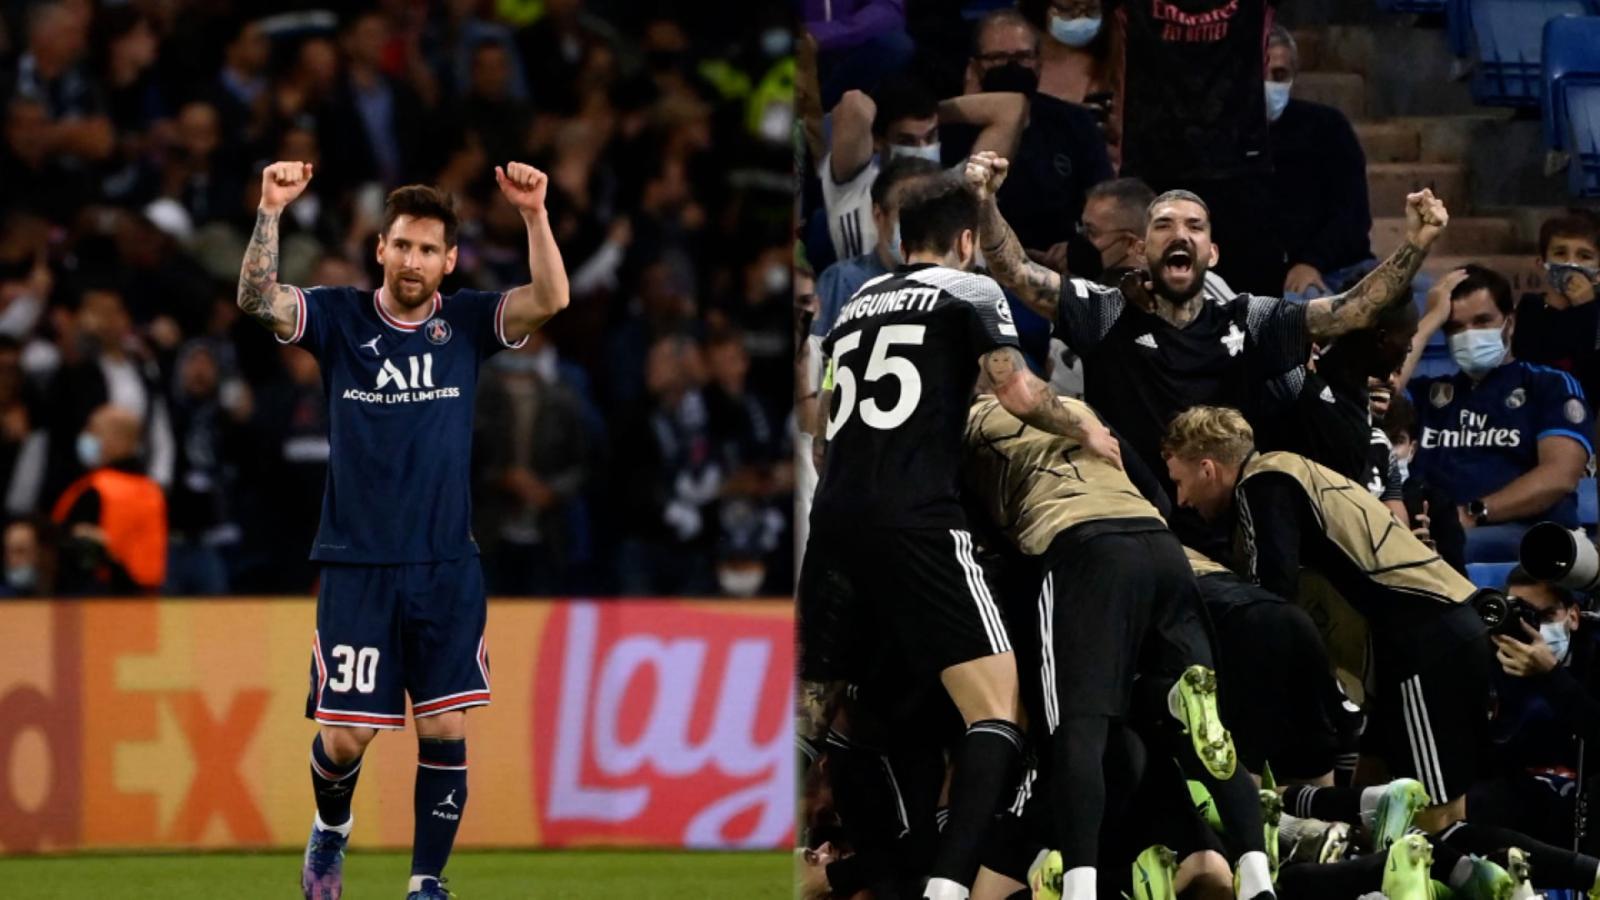 Messi al fin anotó para el PSG y el Sheriff dio el batacazo ante el Real Madrid